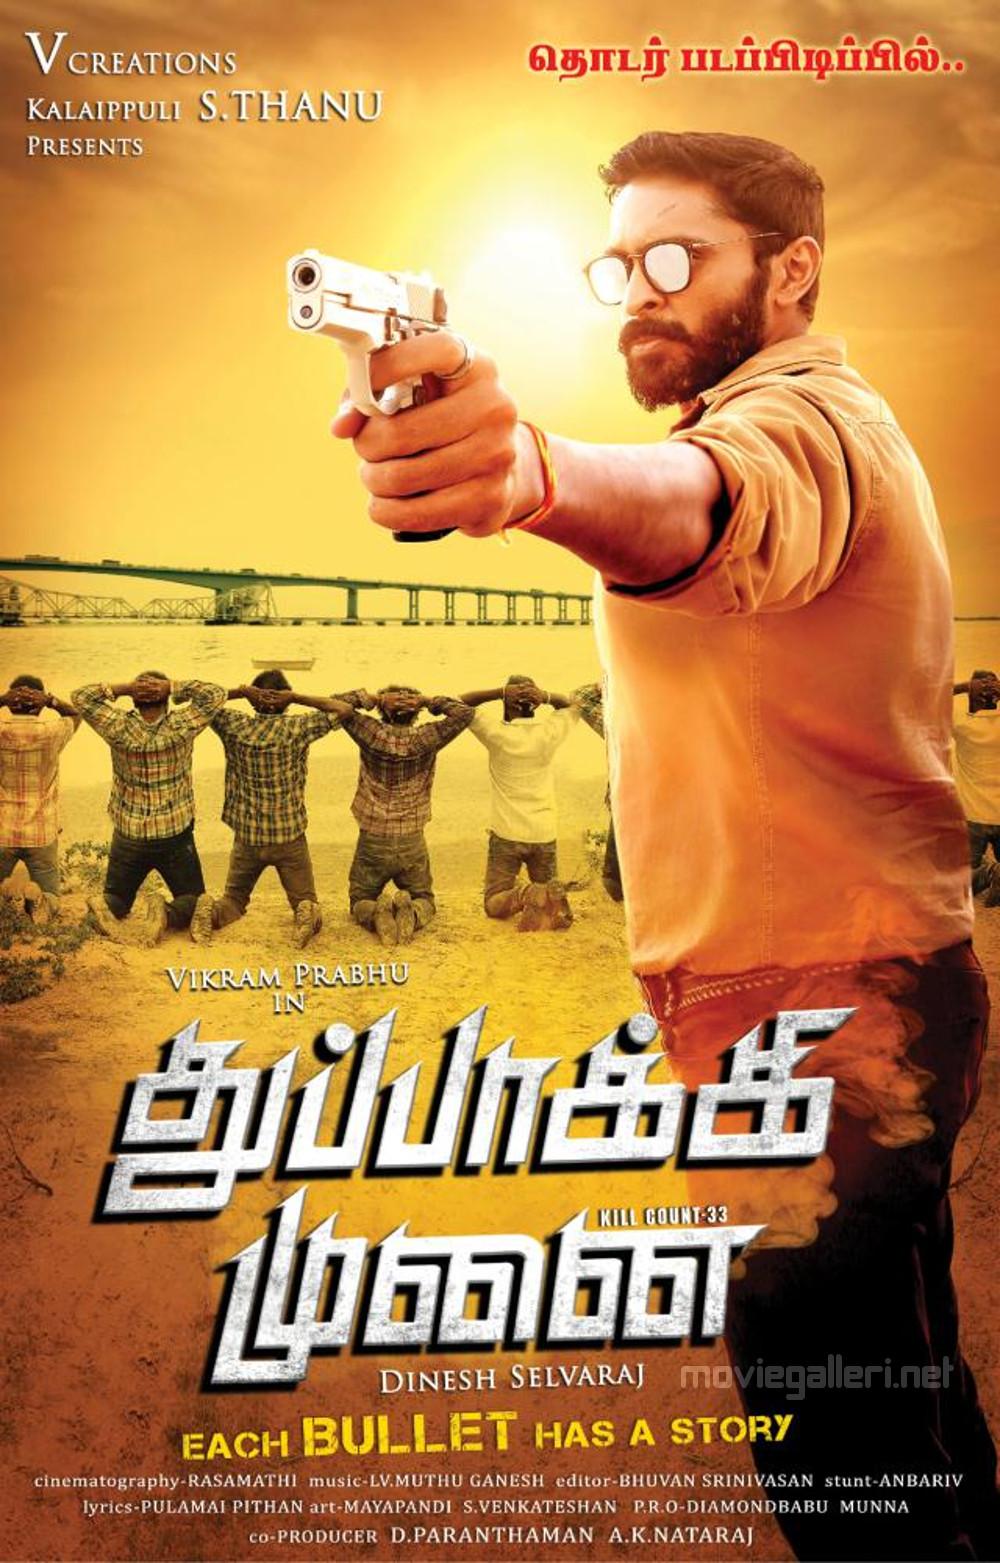 Actor Vikram Prabhu as encounter specialist in Thuppakki Munai Movie